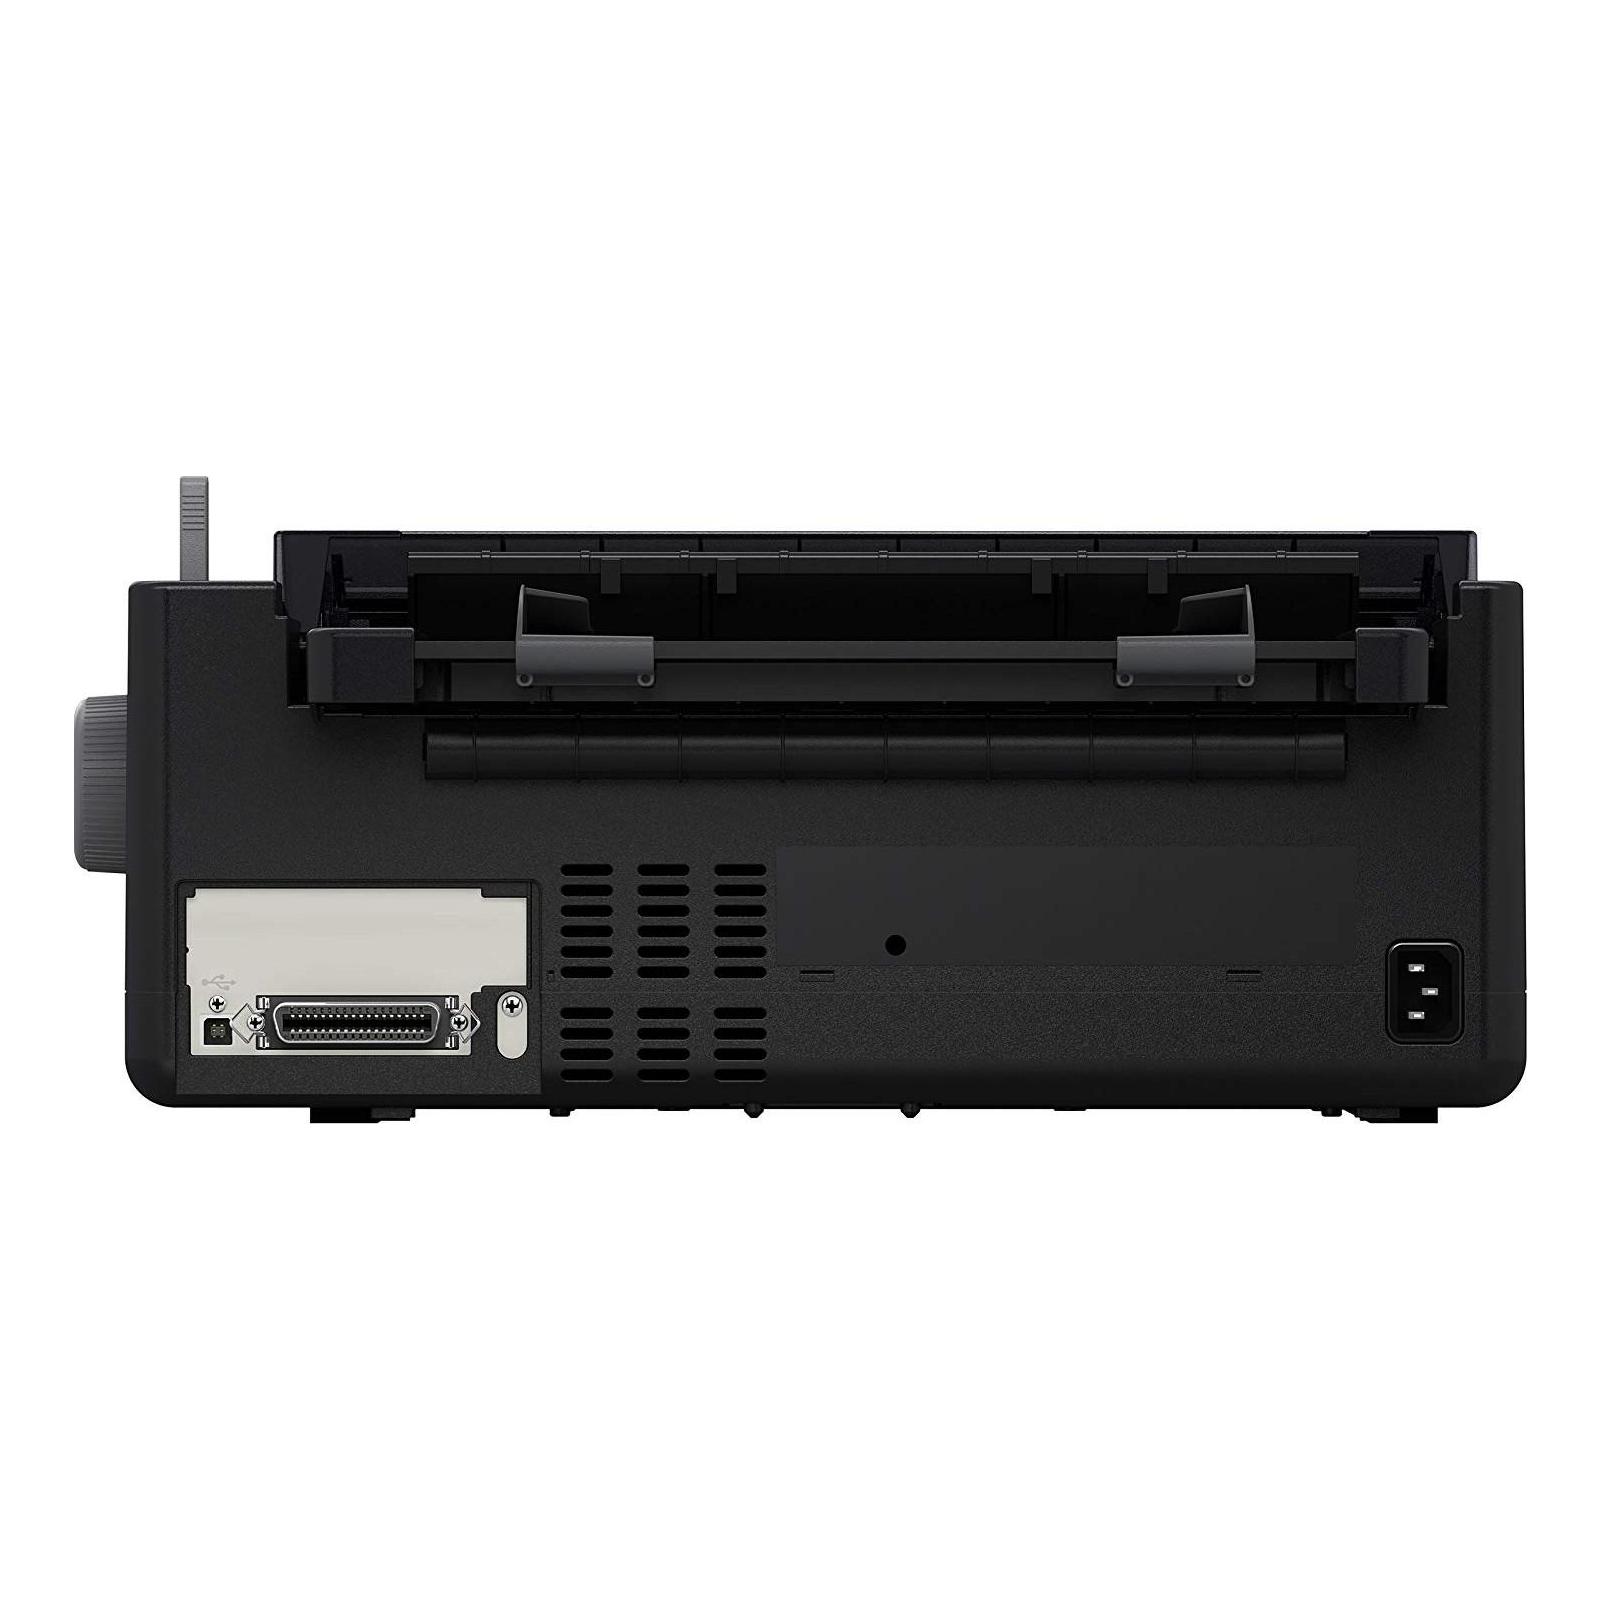 Матричный принтер FX 890II Epson (C11CF37401) изображение 3